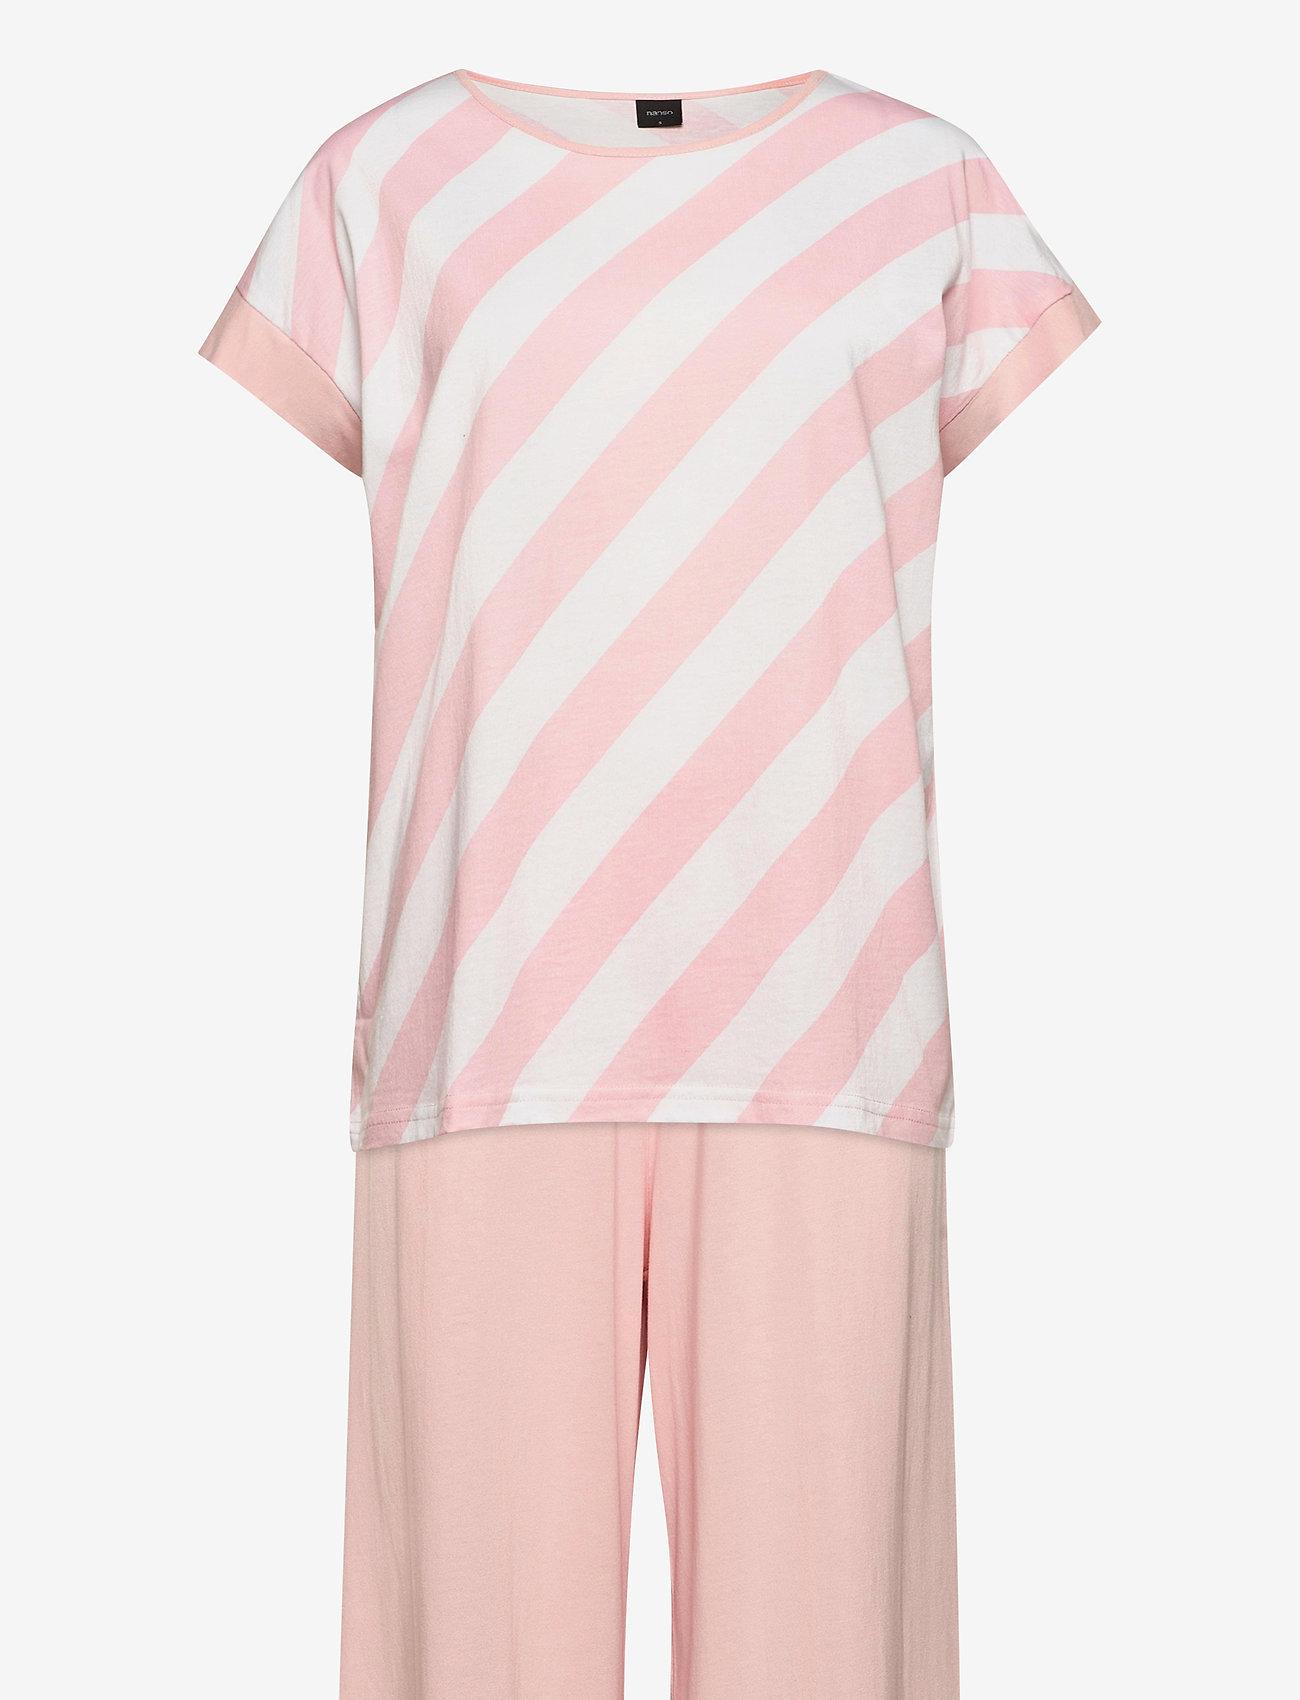 Nanso - Ladies pyjamas, Kulma - pyjamas - light pink - 0